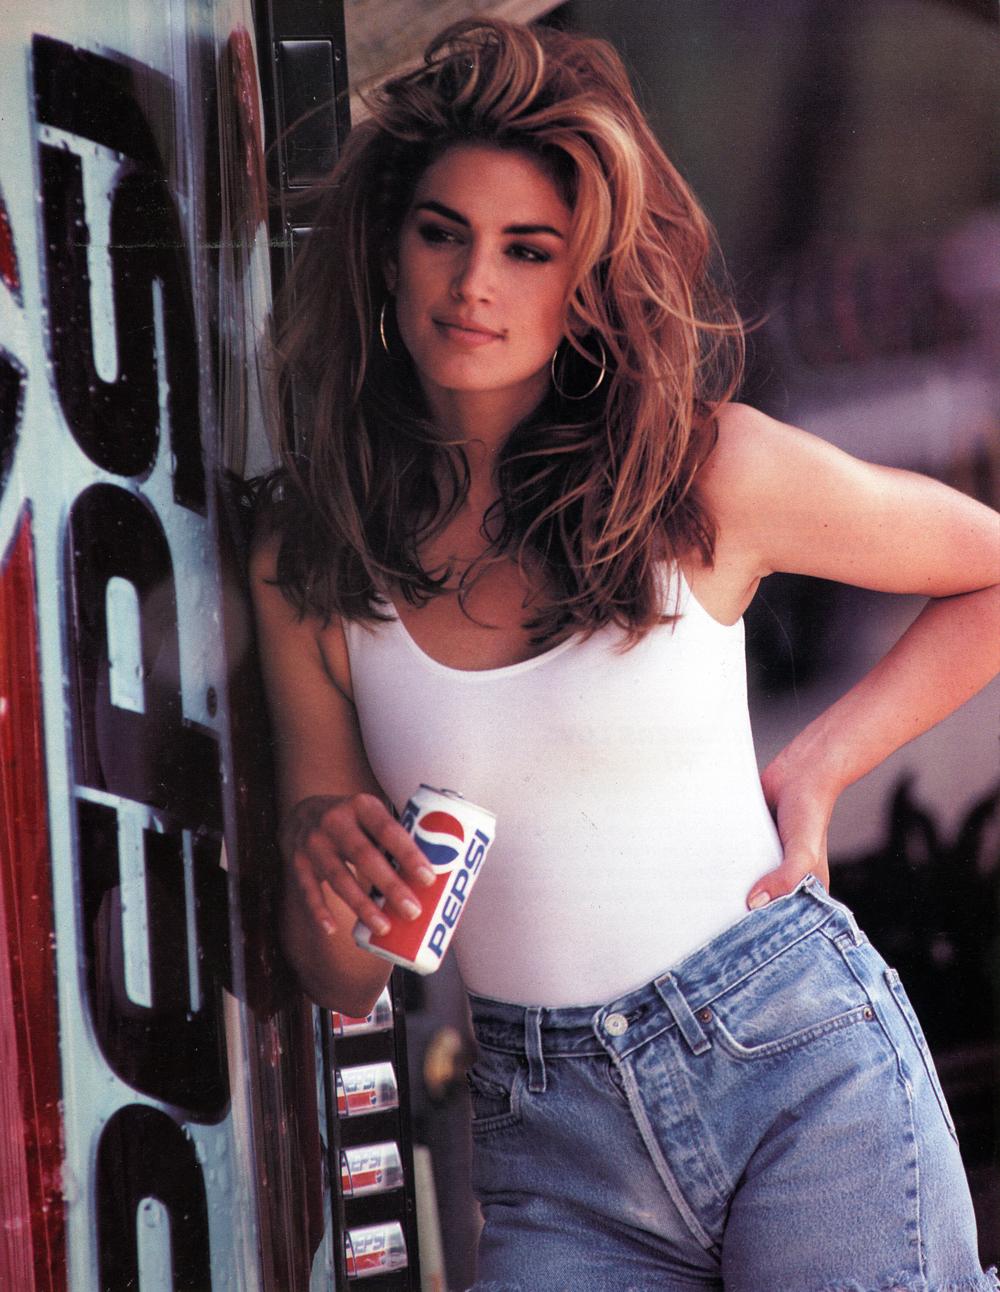 Η διαφήμιση της Pepsi που άφησε εποχή χάρη στη Σίντι Κρόφορντ